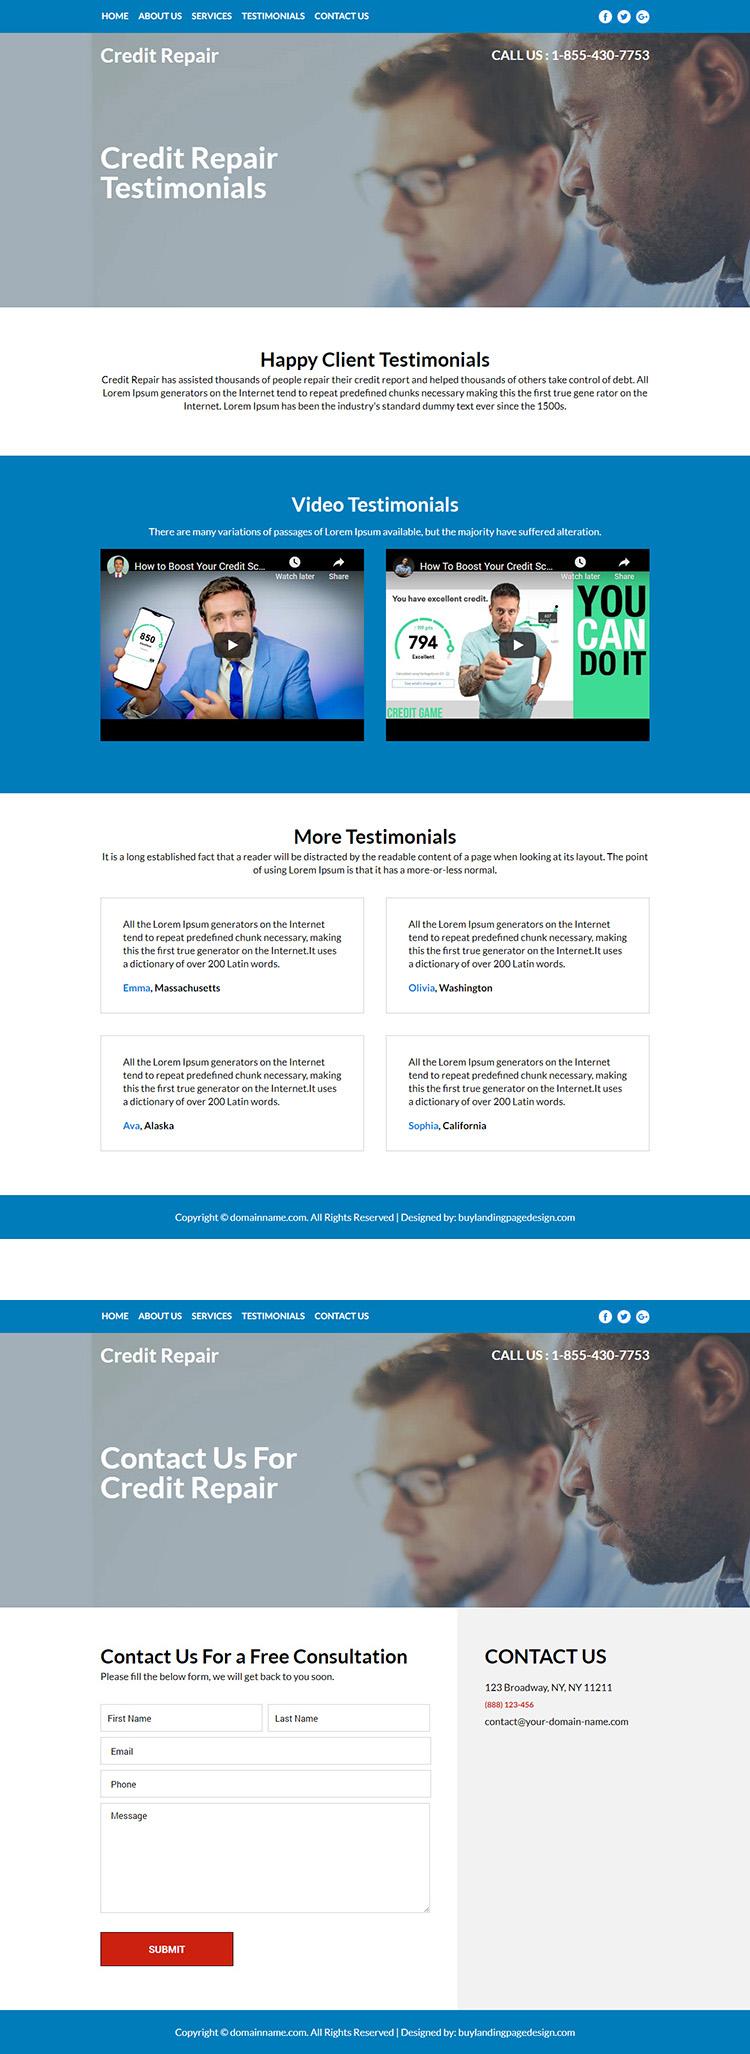 credit repair service responsive website design